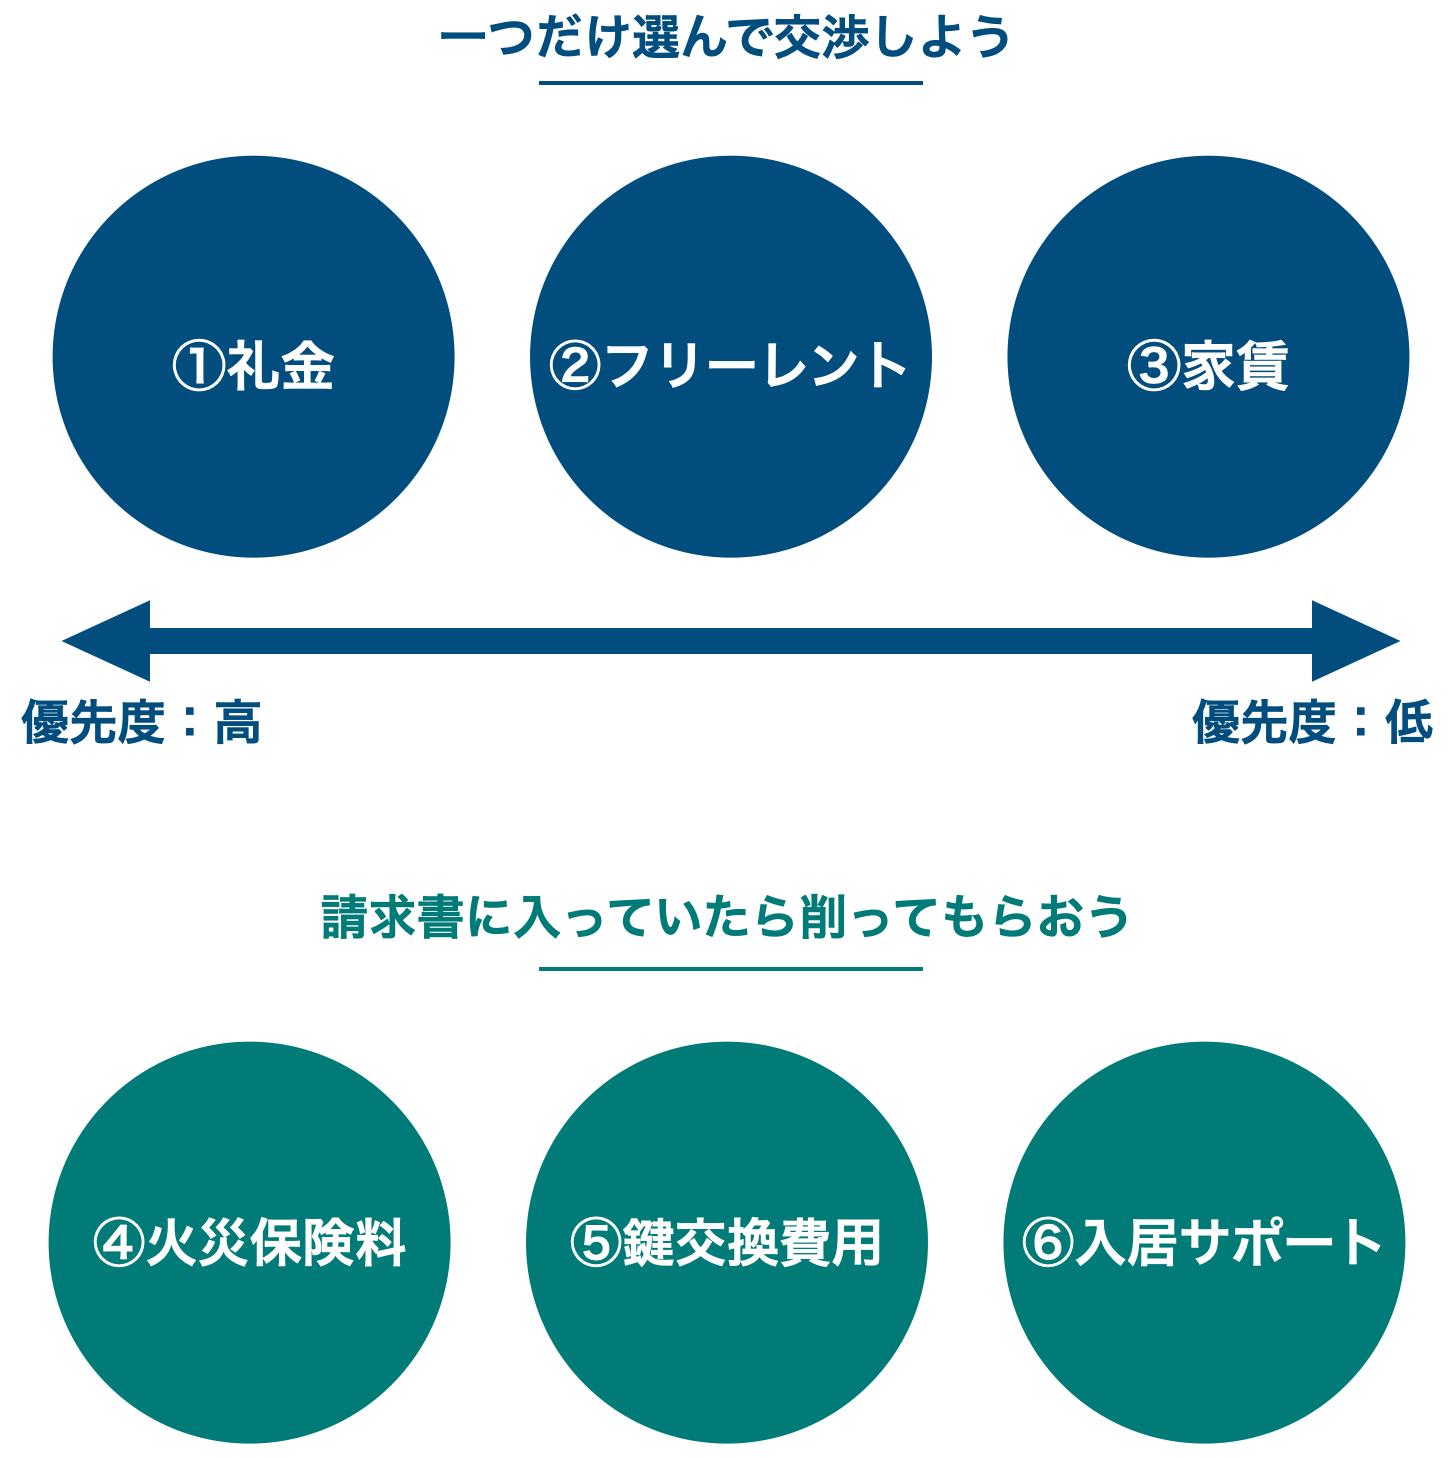 交渉する項目のイメージ